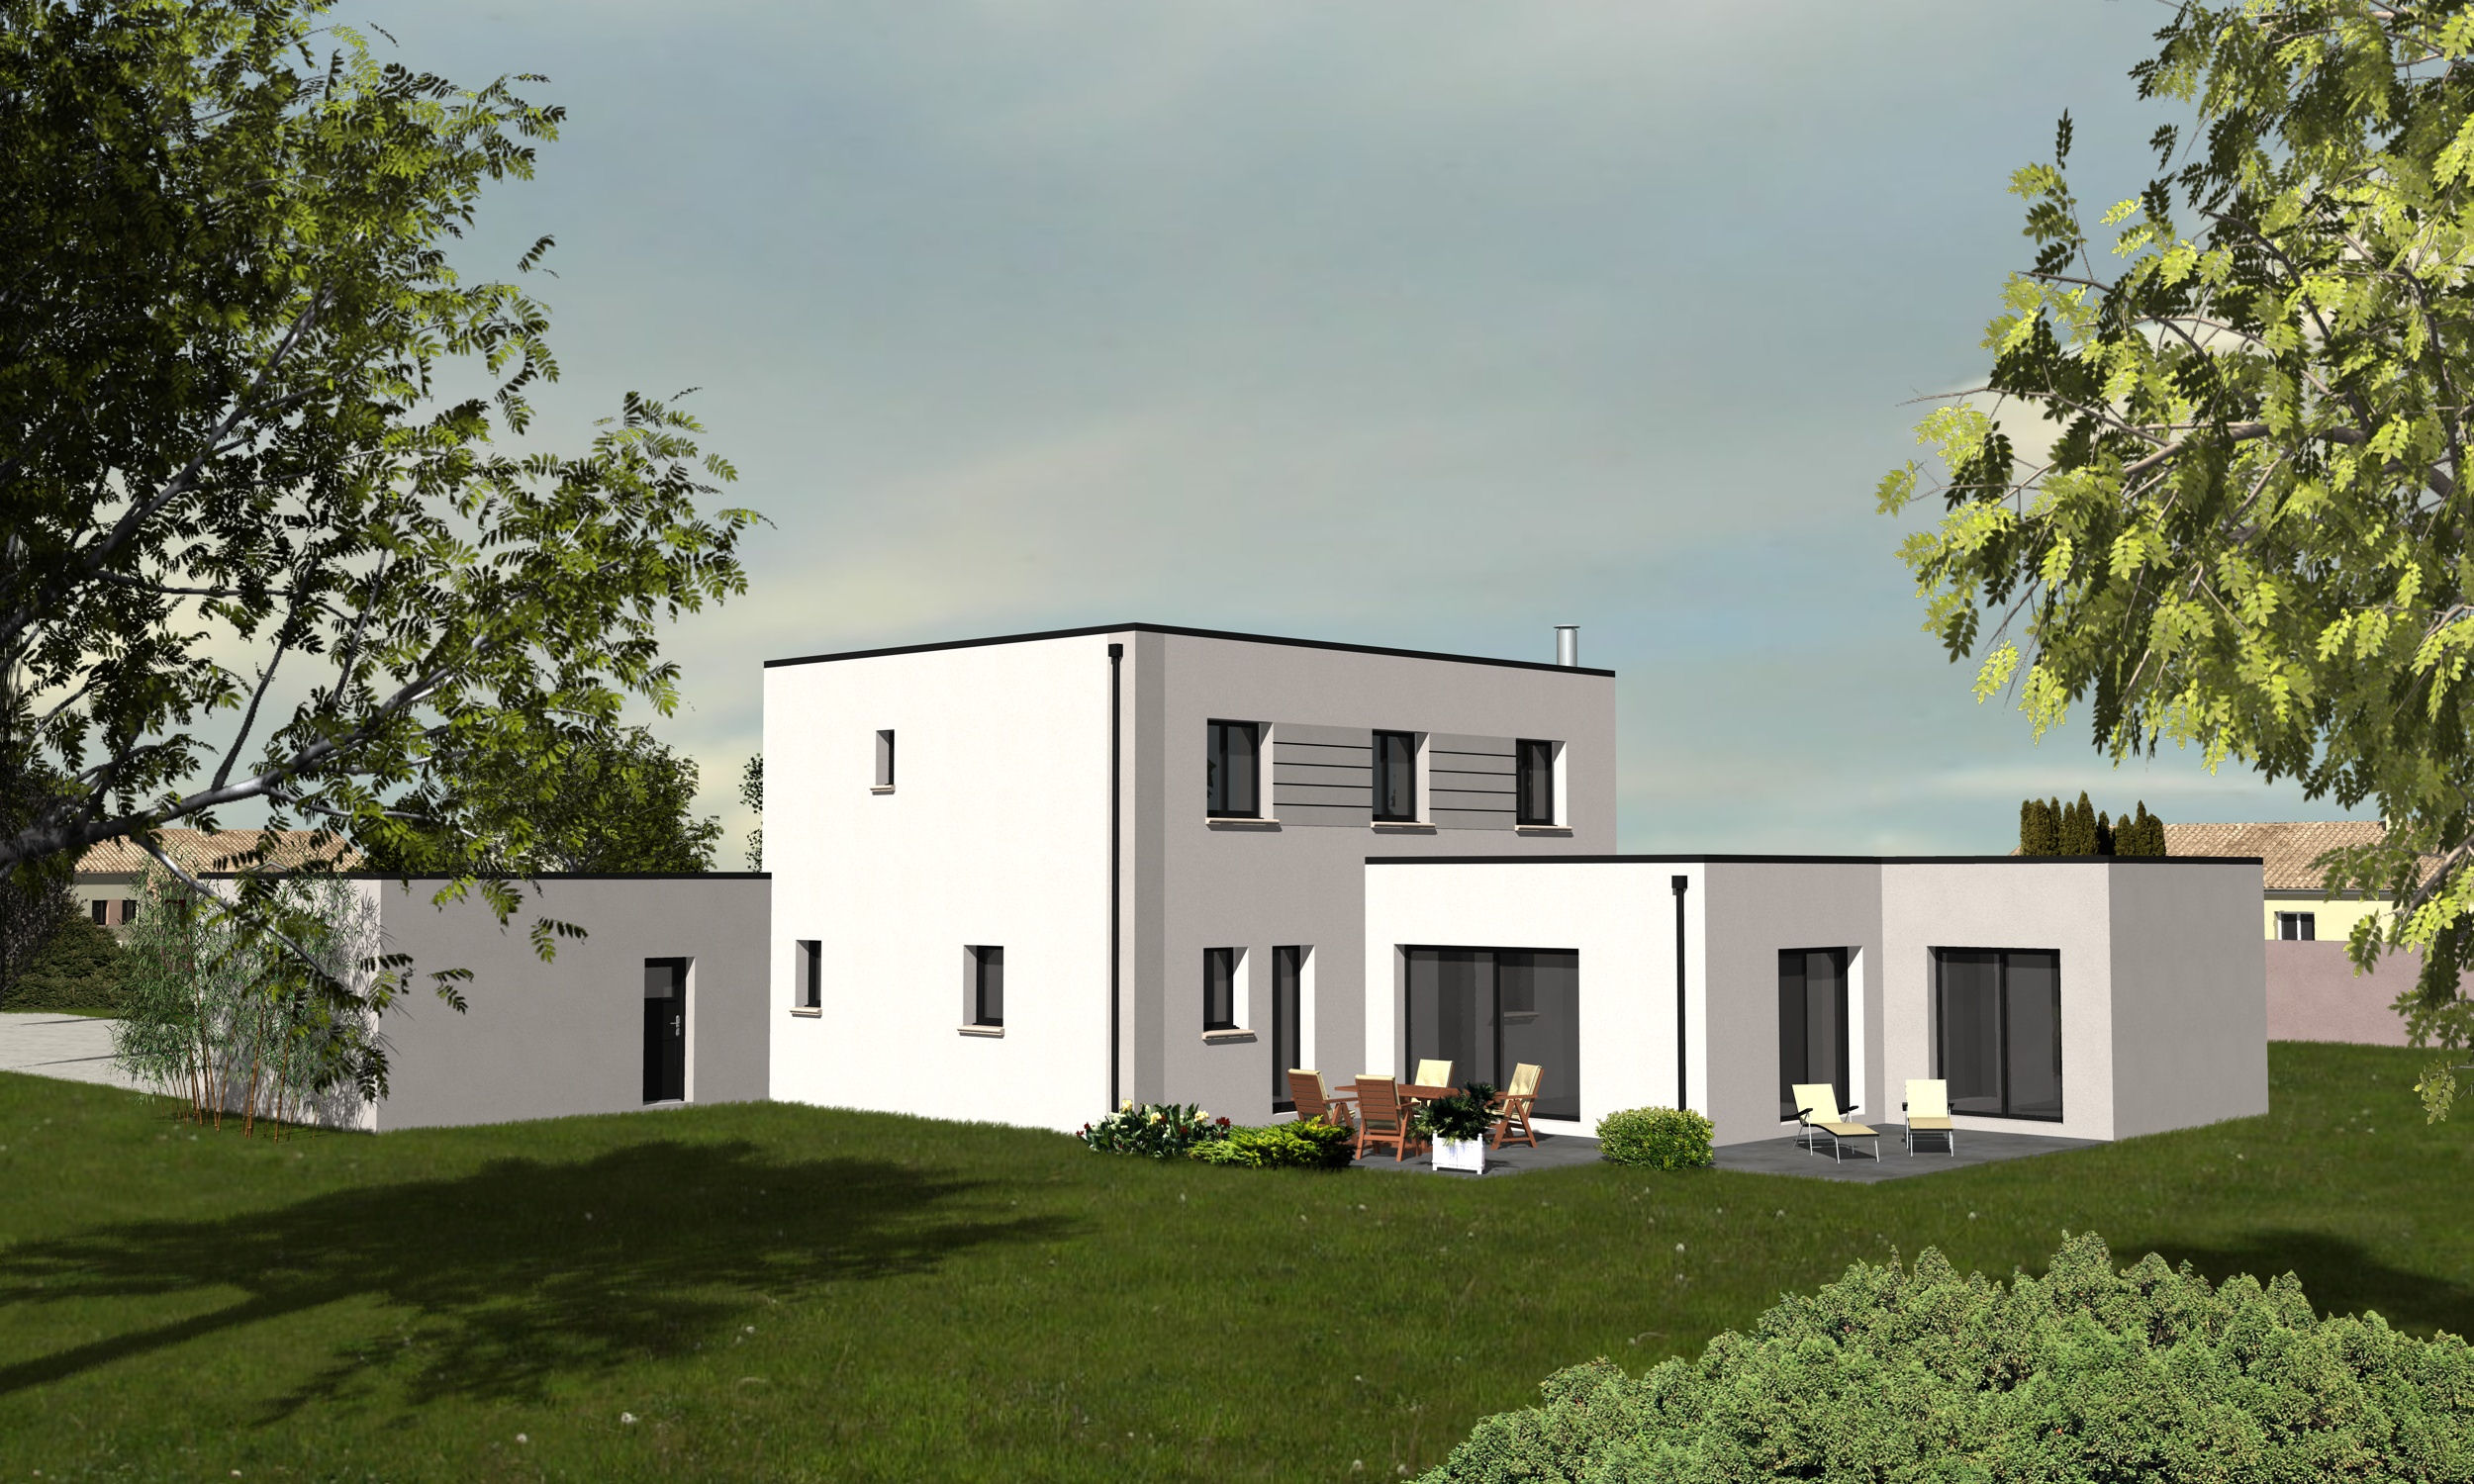 Logis de vend e constructeur maisons individuelles for Constructeur maison moderne vendee